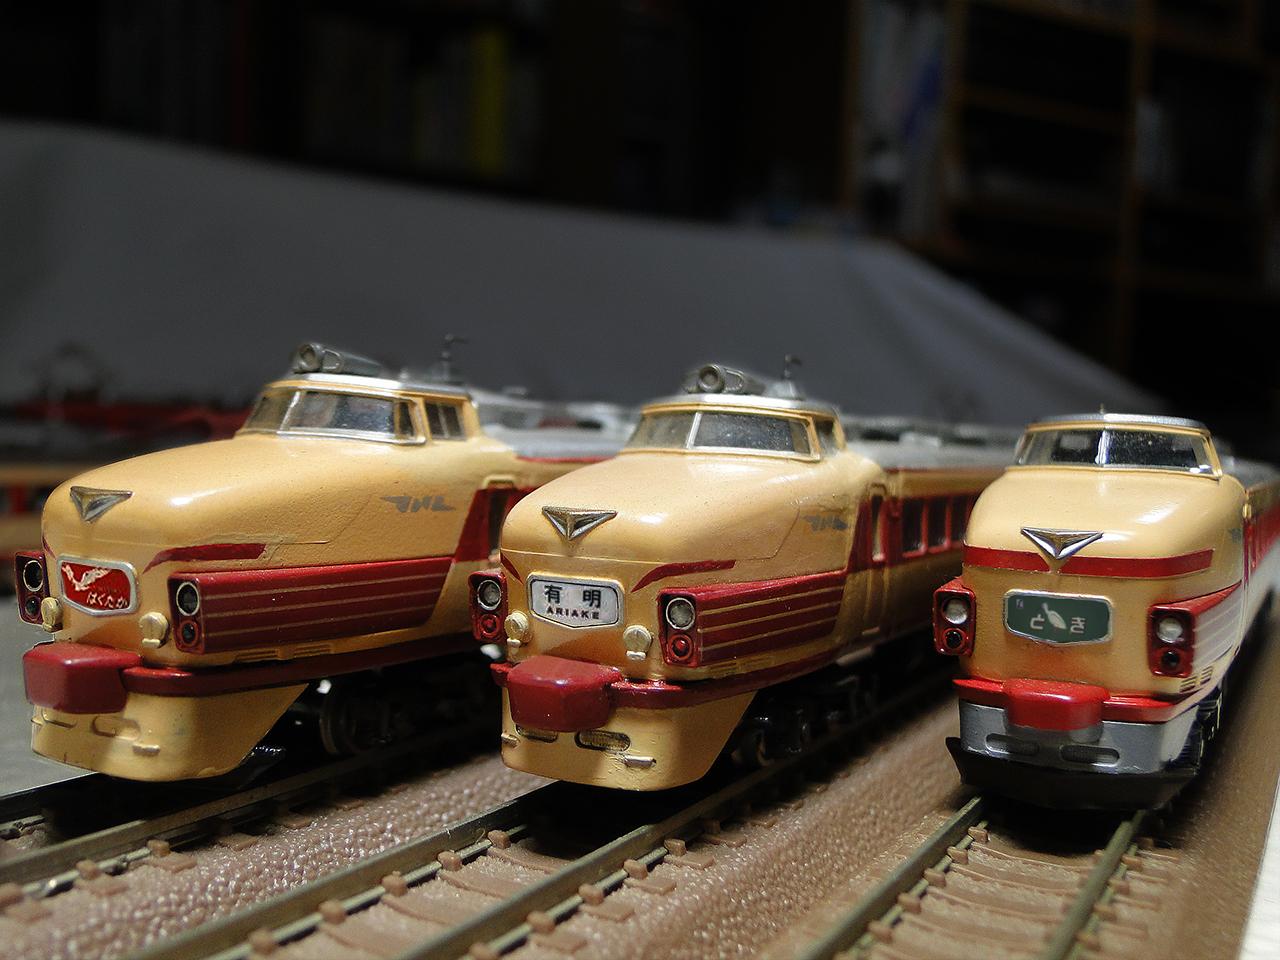 http://moritetsu.info/model-railway/img/DSC06564ssssss.jpg